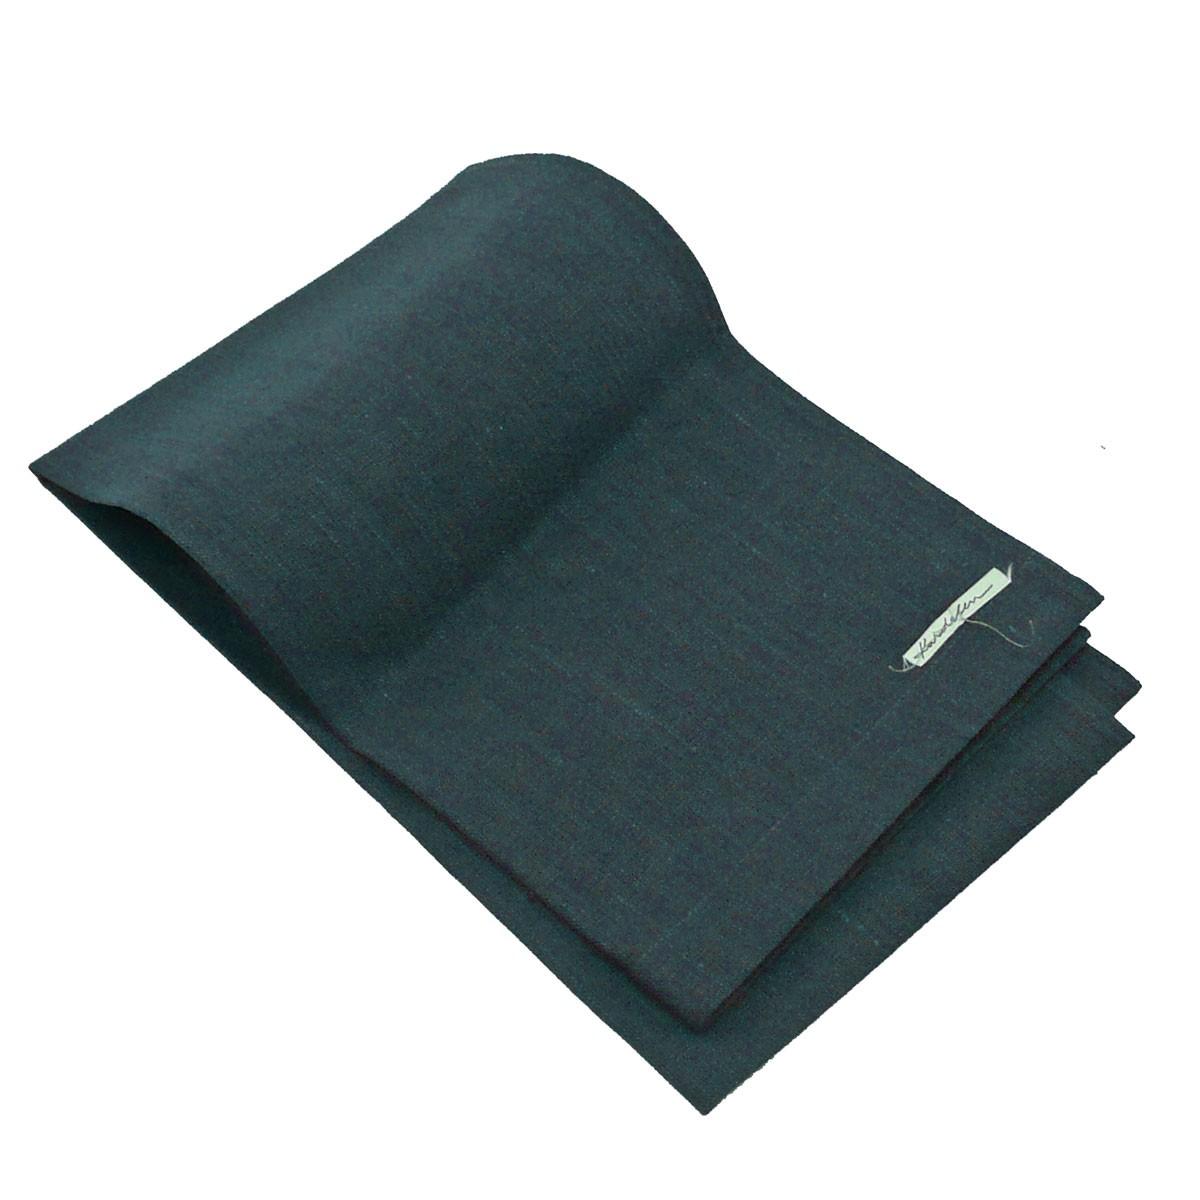 leinen tischl ufer erik 1 lagig 47x150cm schiefer wohntextilien leinen tischw sche tischl ufer. Black Bedroom Furniture Sets. Home Design Ideas